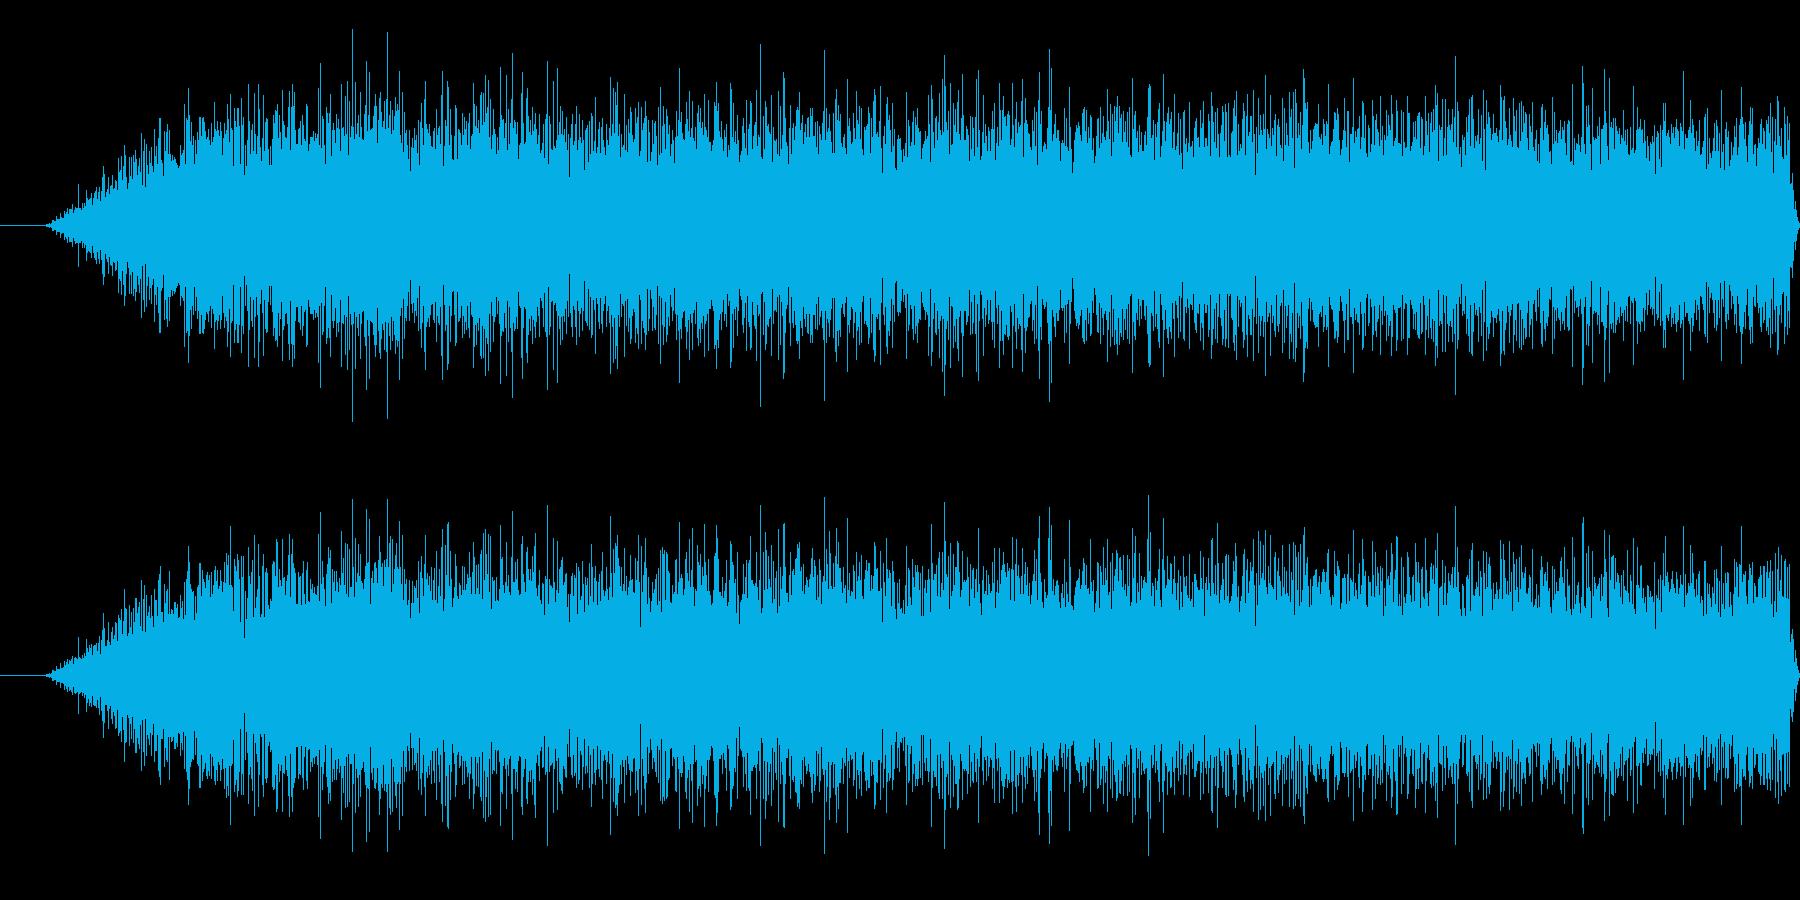 プロペラの回転音の再生済みの波形